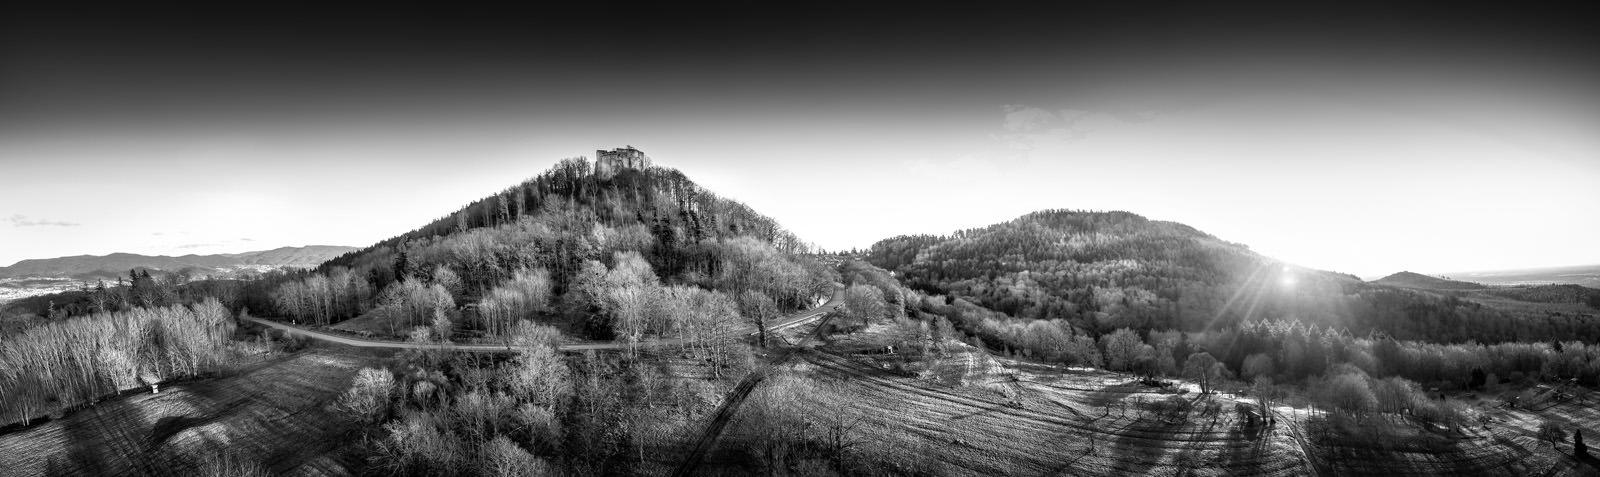 DSC1400-2-Ebersteinburg_Blackandwhite Luftbilder